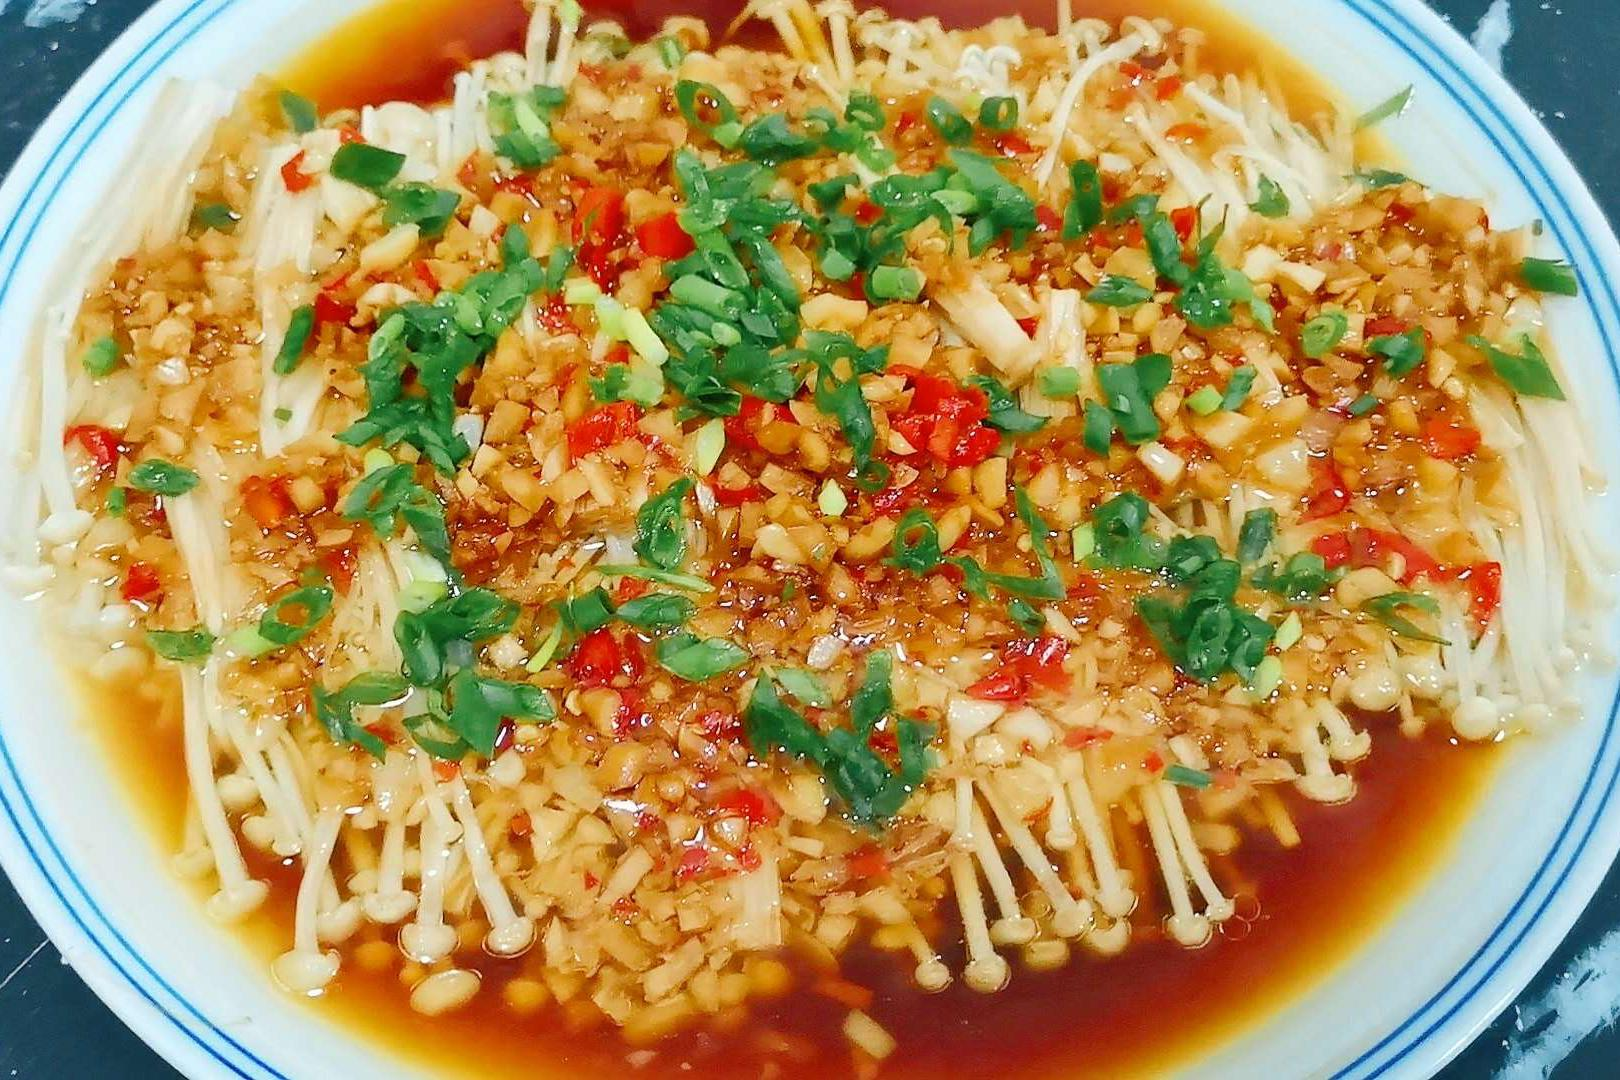 家有金针菇和大蒜,一定试试这样做,太下饭了,比吃肉都过瘾